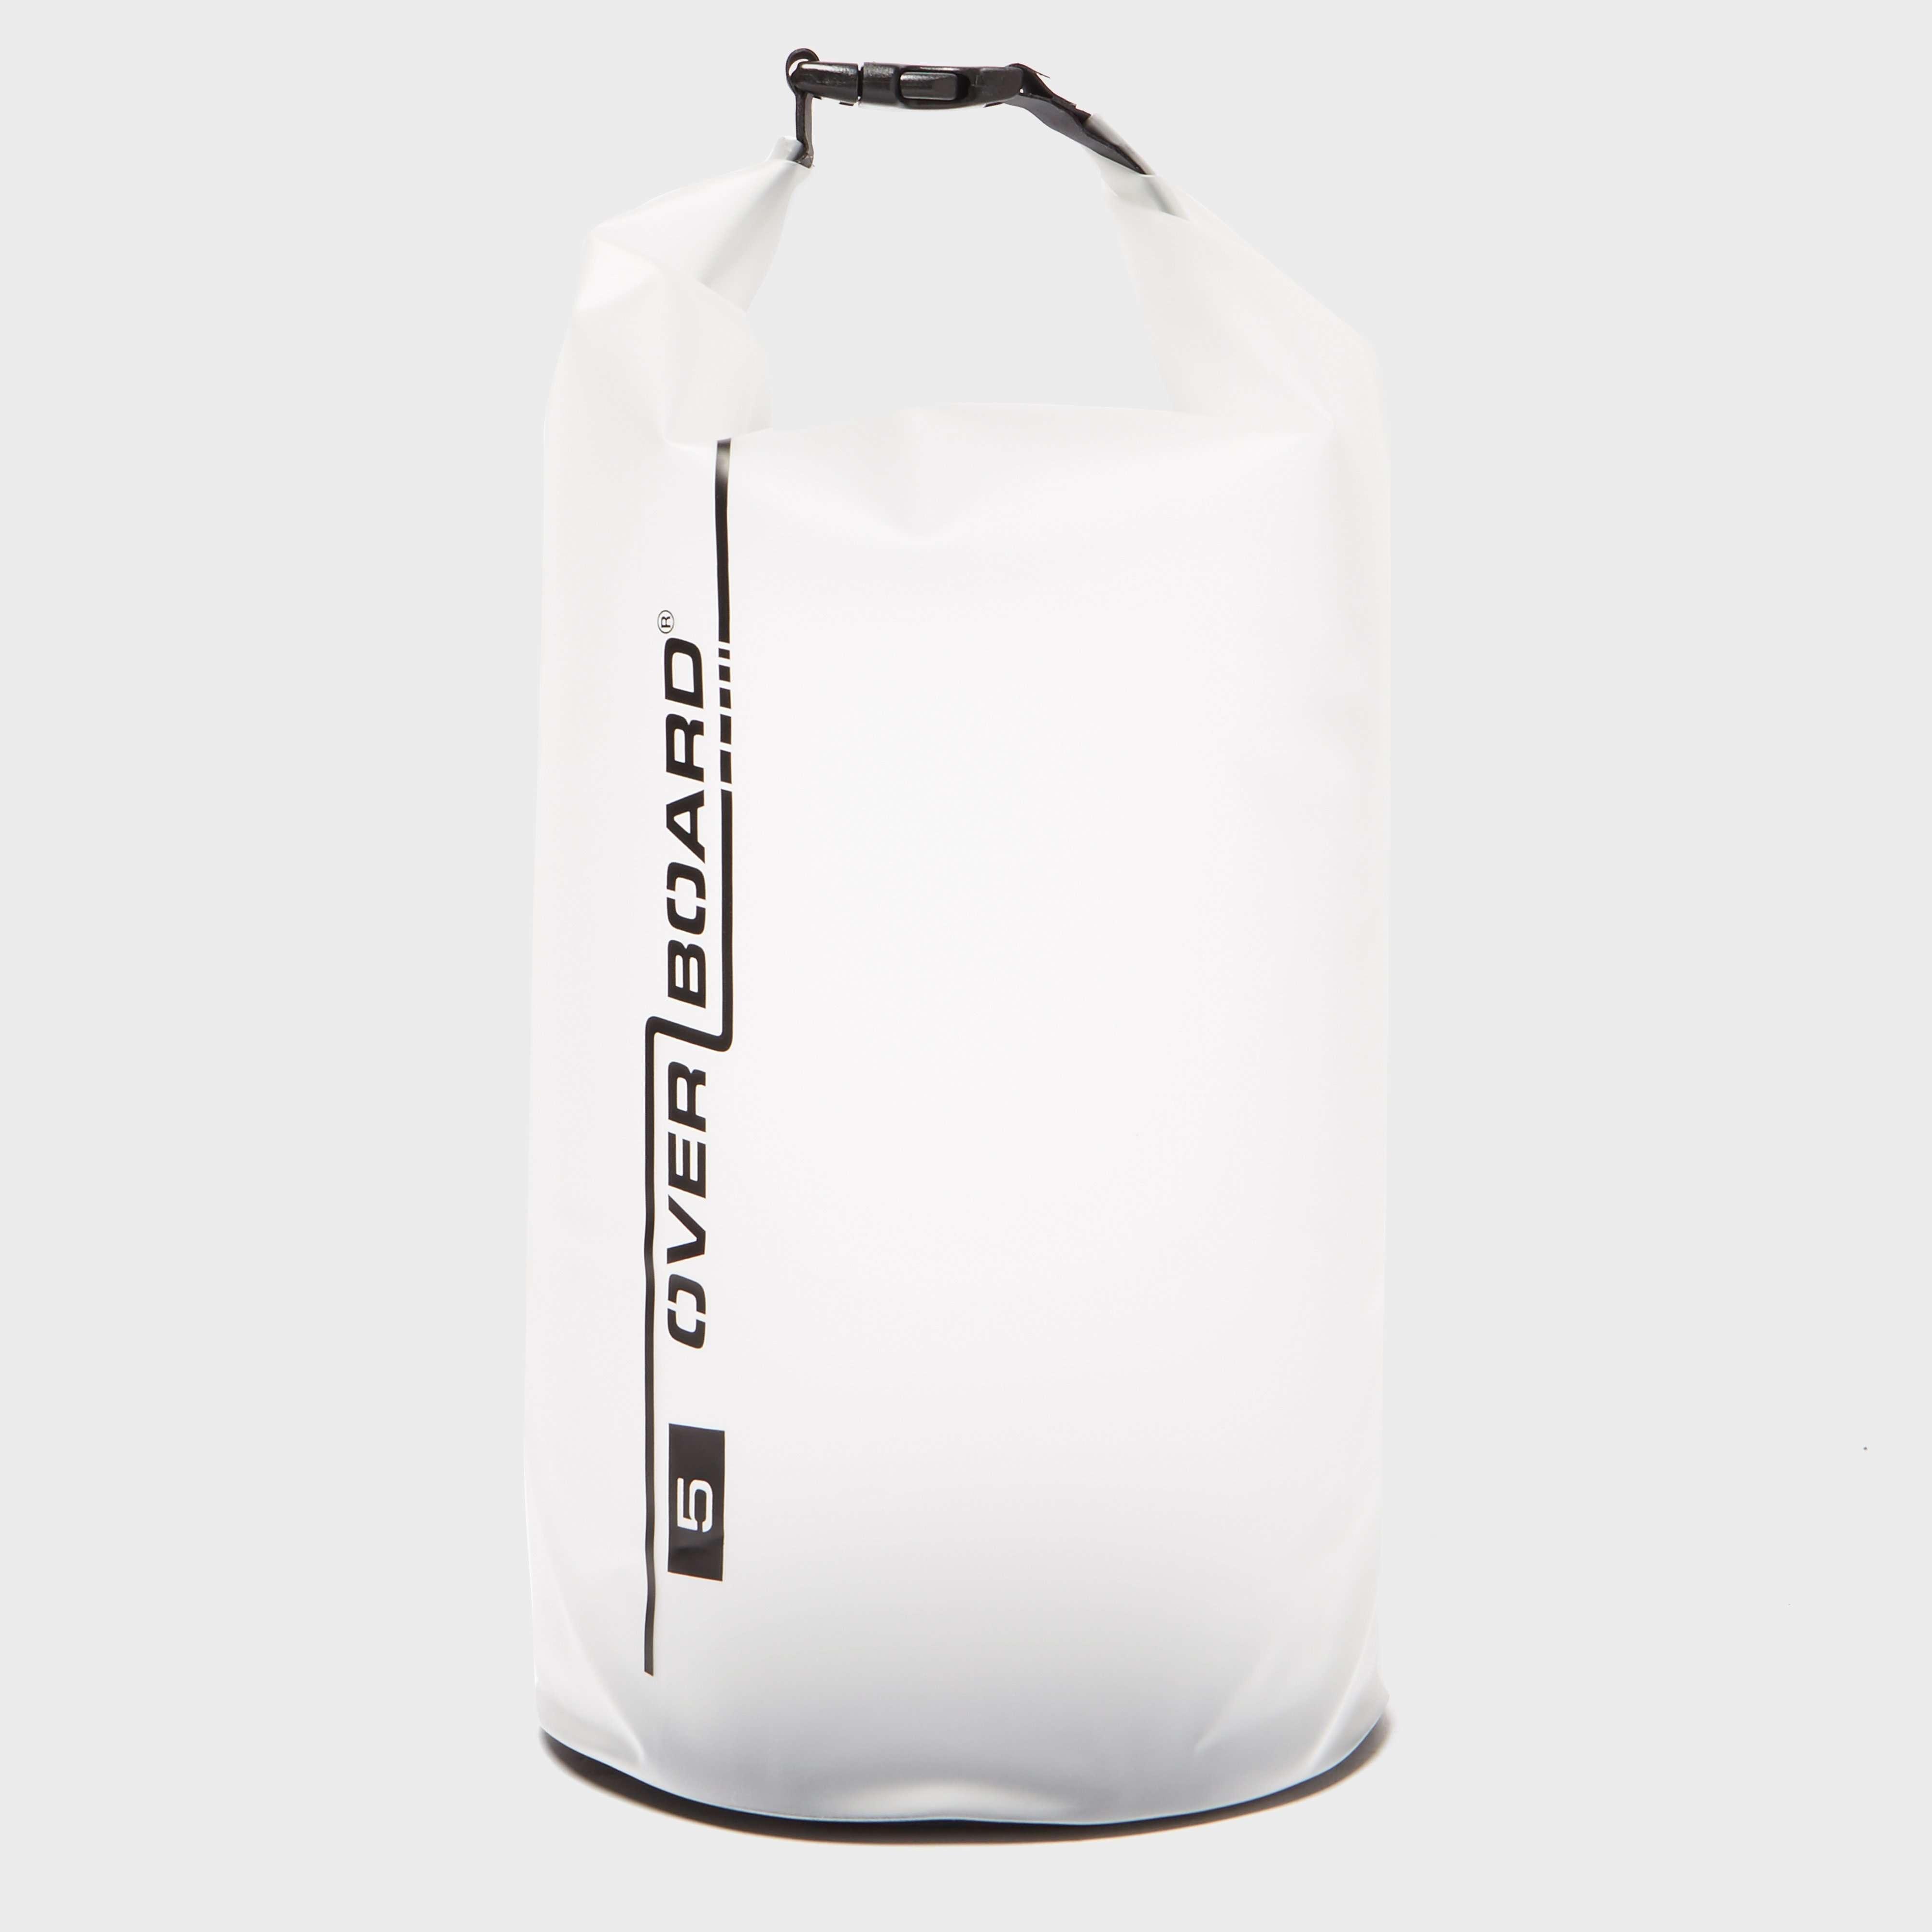 OVERBOARD 5 Litre Dry Bag